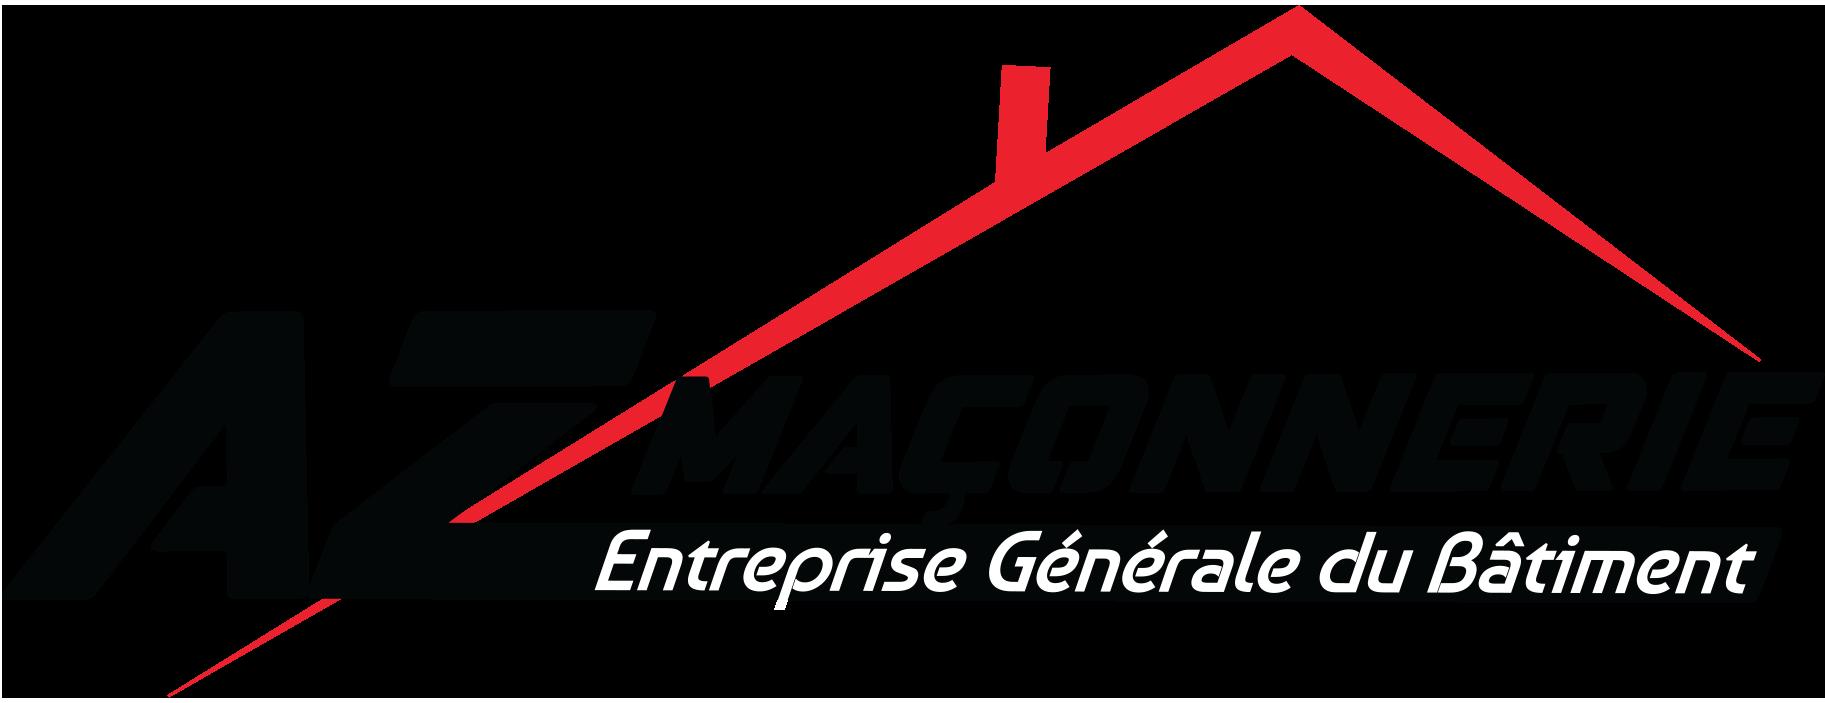 Logo AZ Maçonnerie - Entreprise générale du bâtiment à Genève